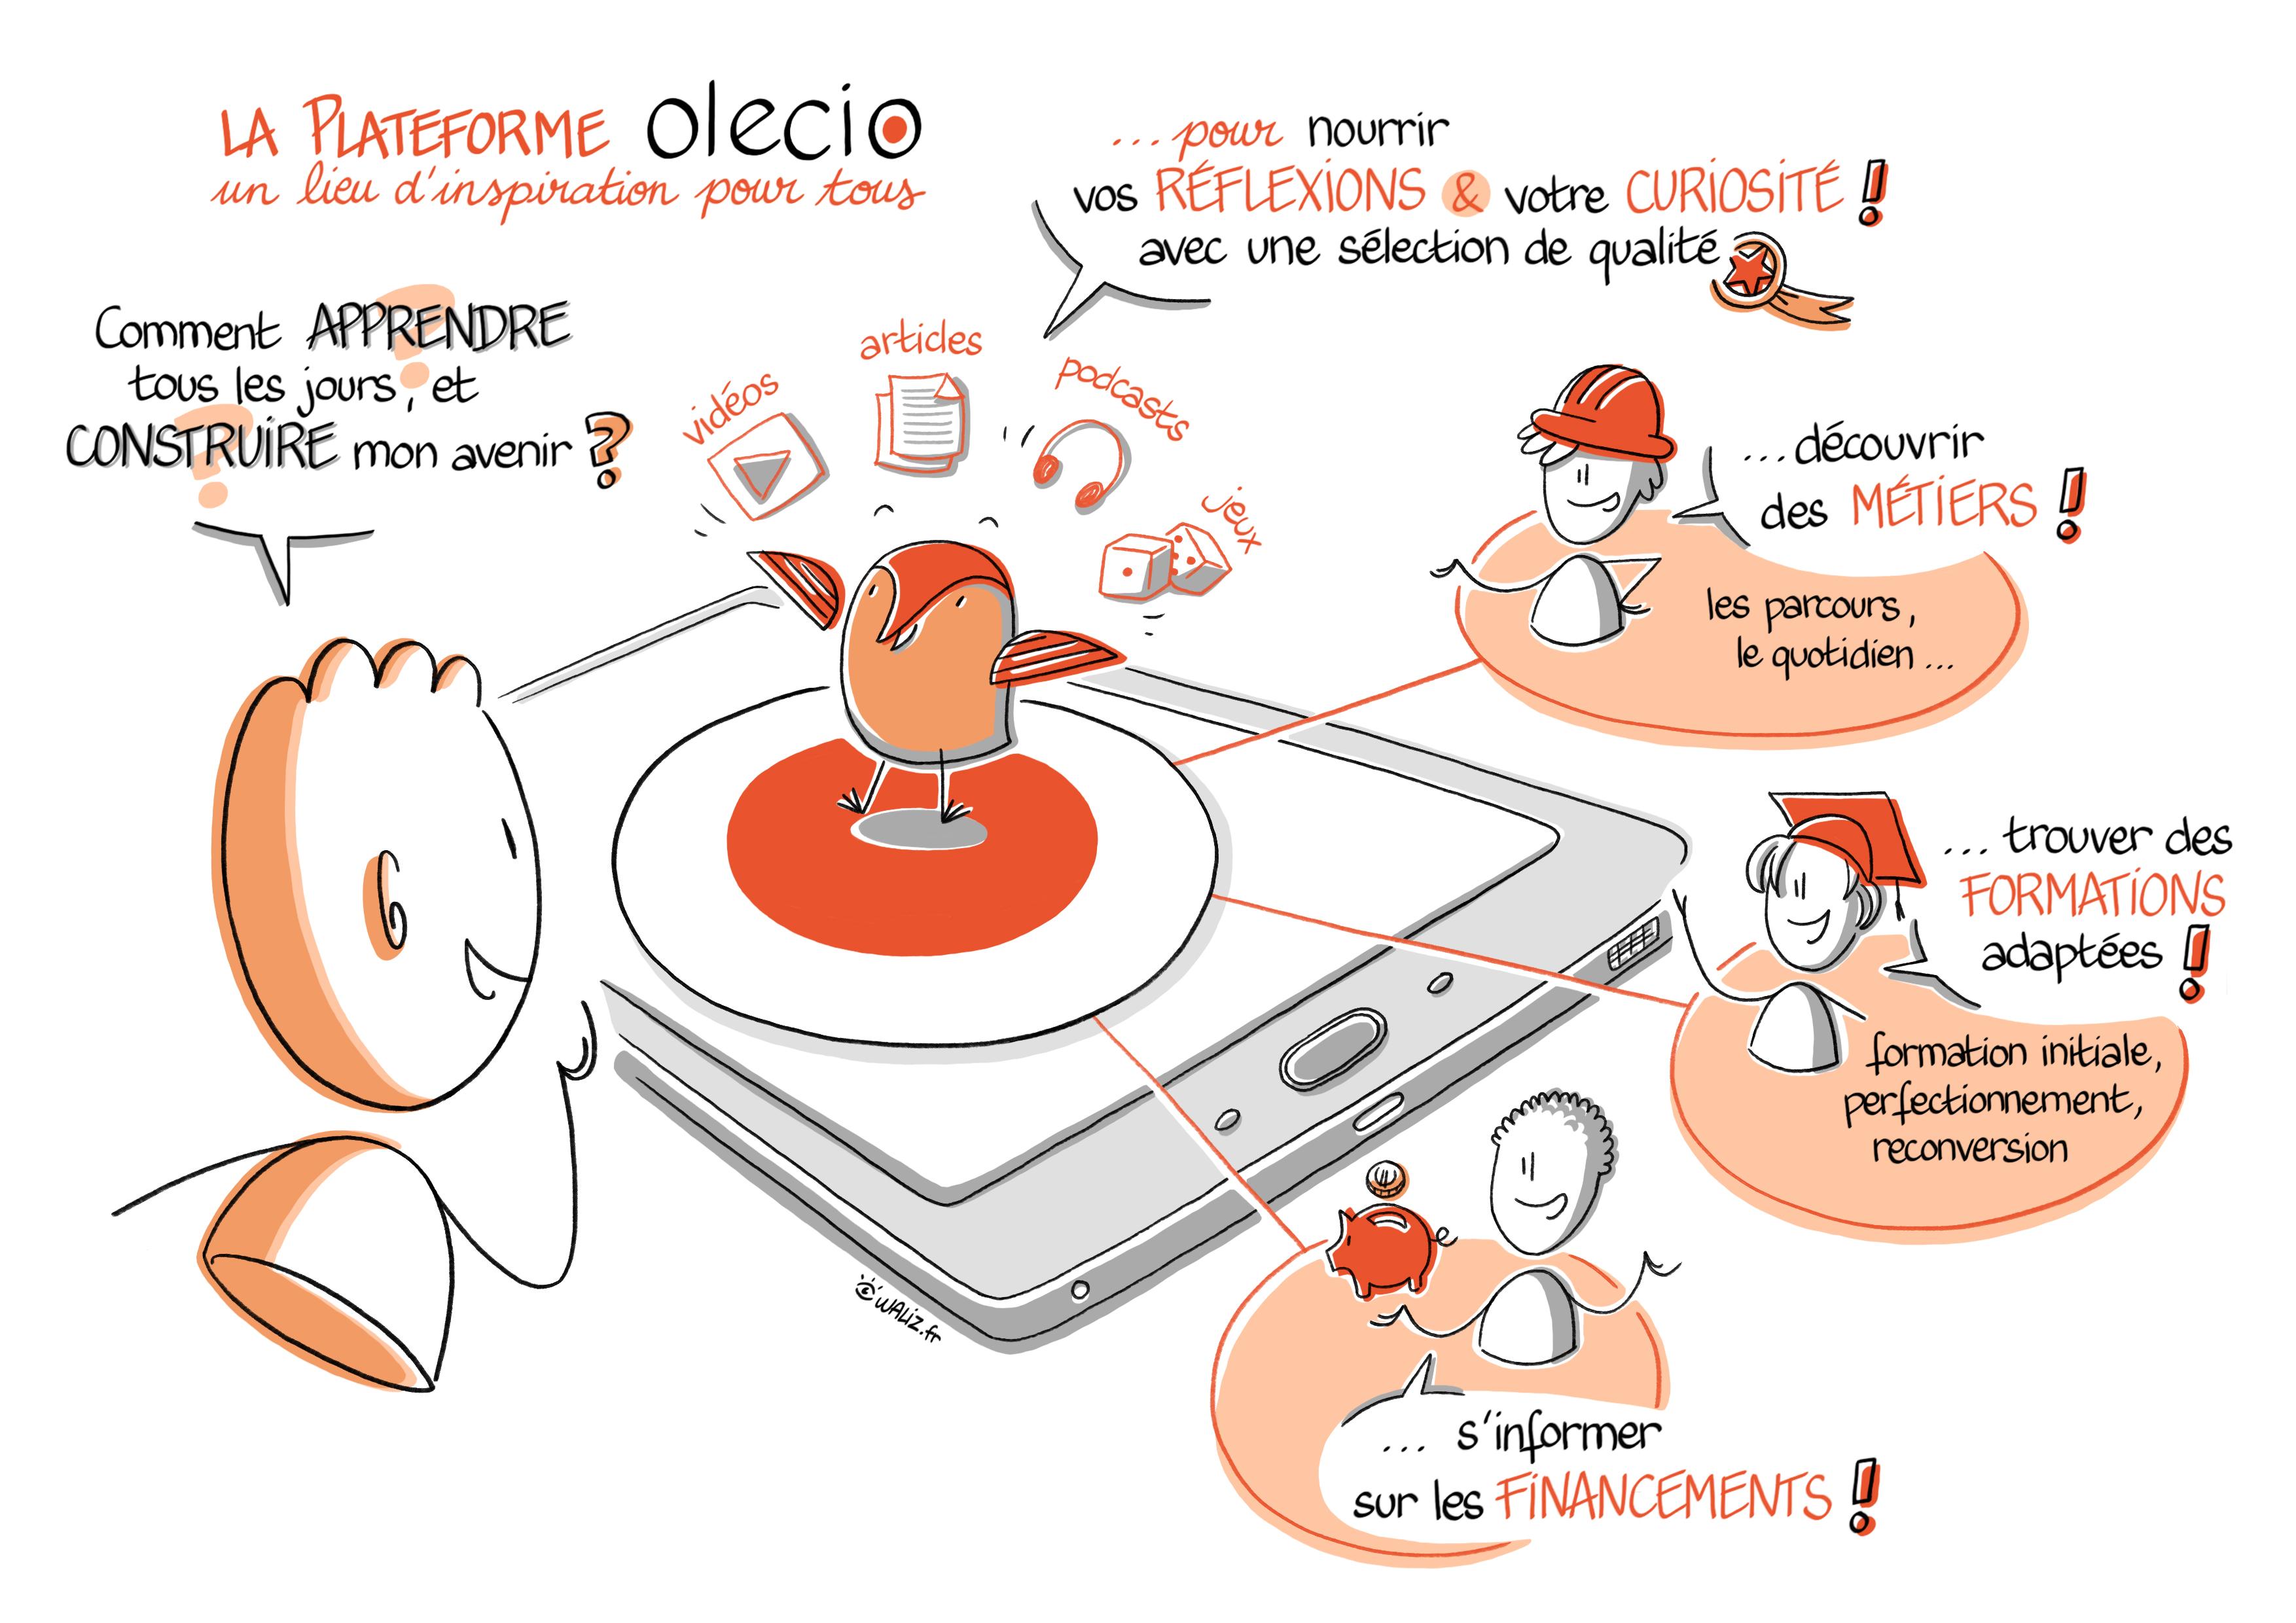 Olecio lance une plateforme digitale gratuite dédiée à l'emploi et à la formation pour tous !